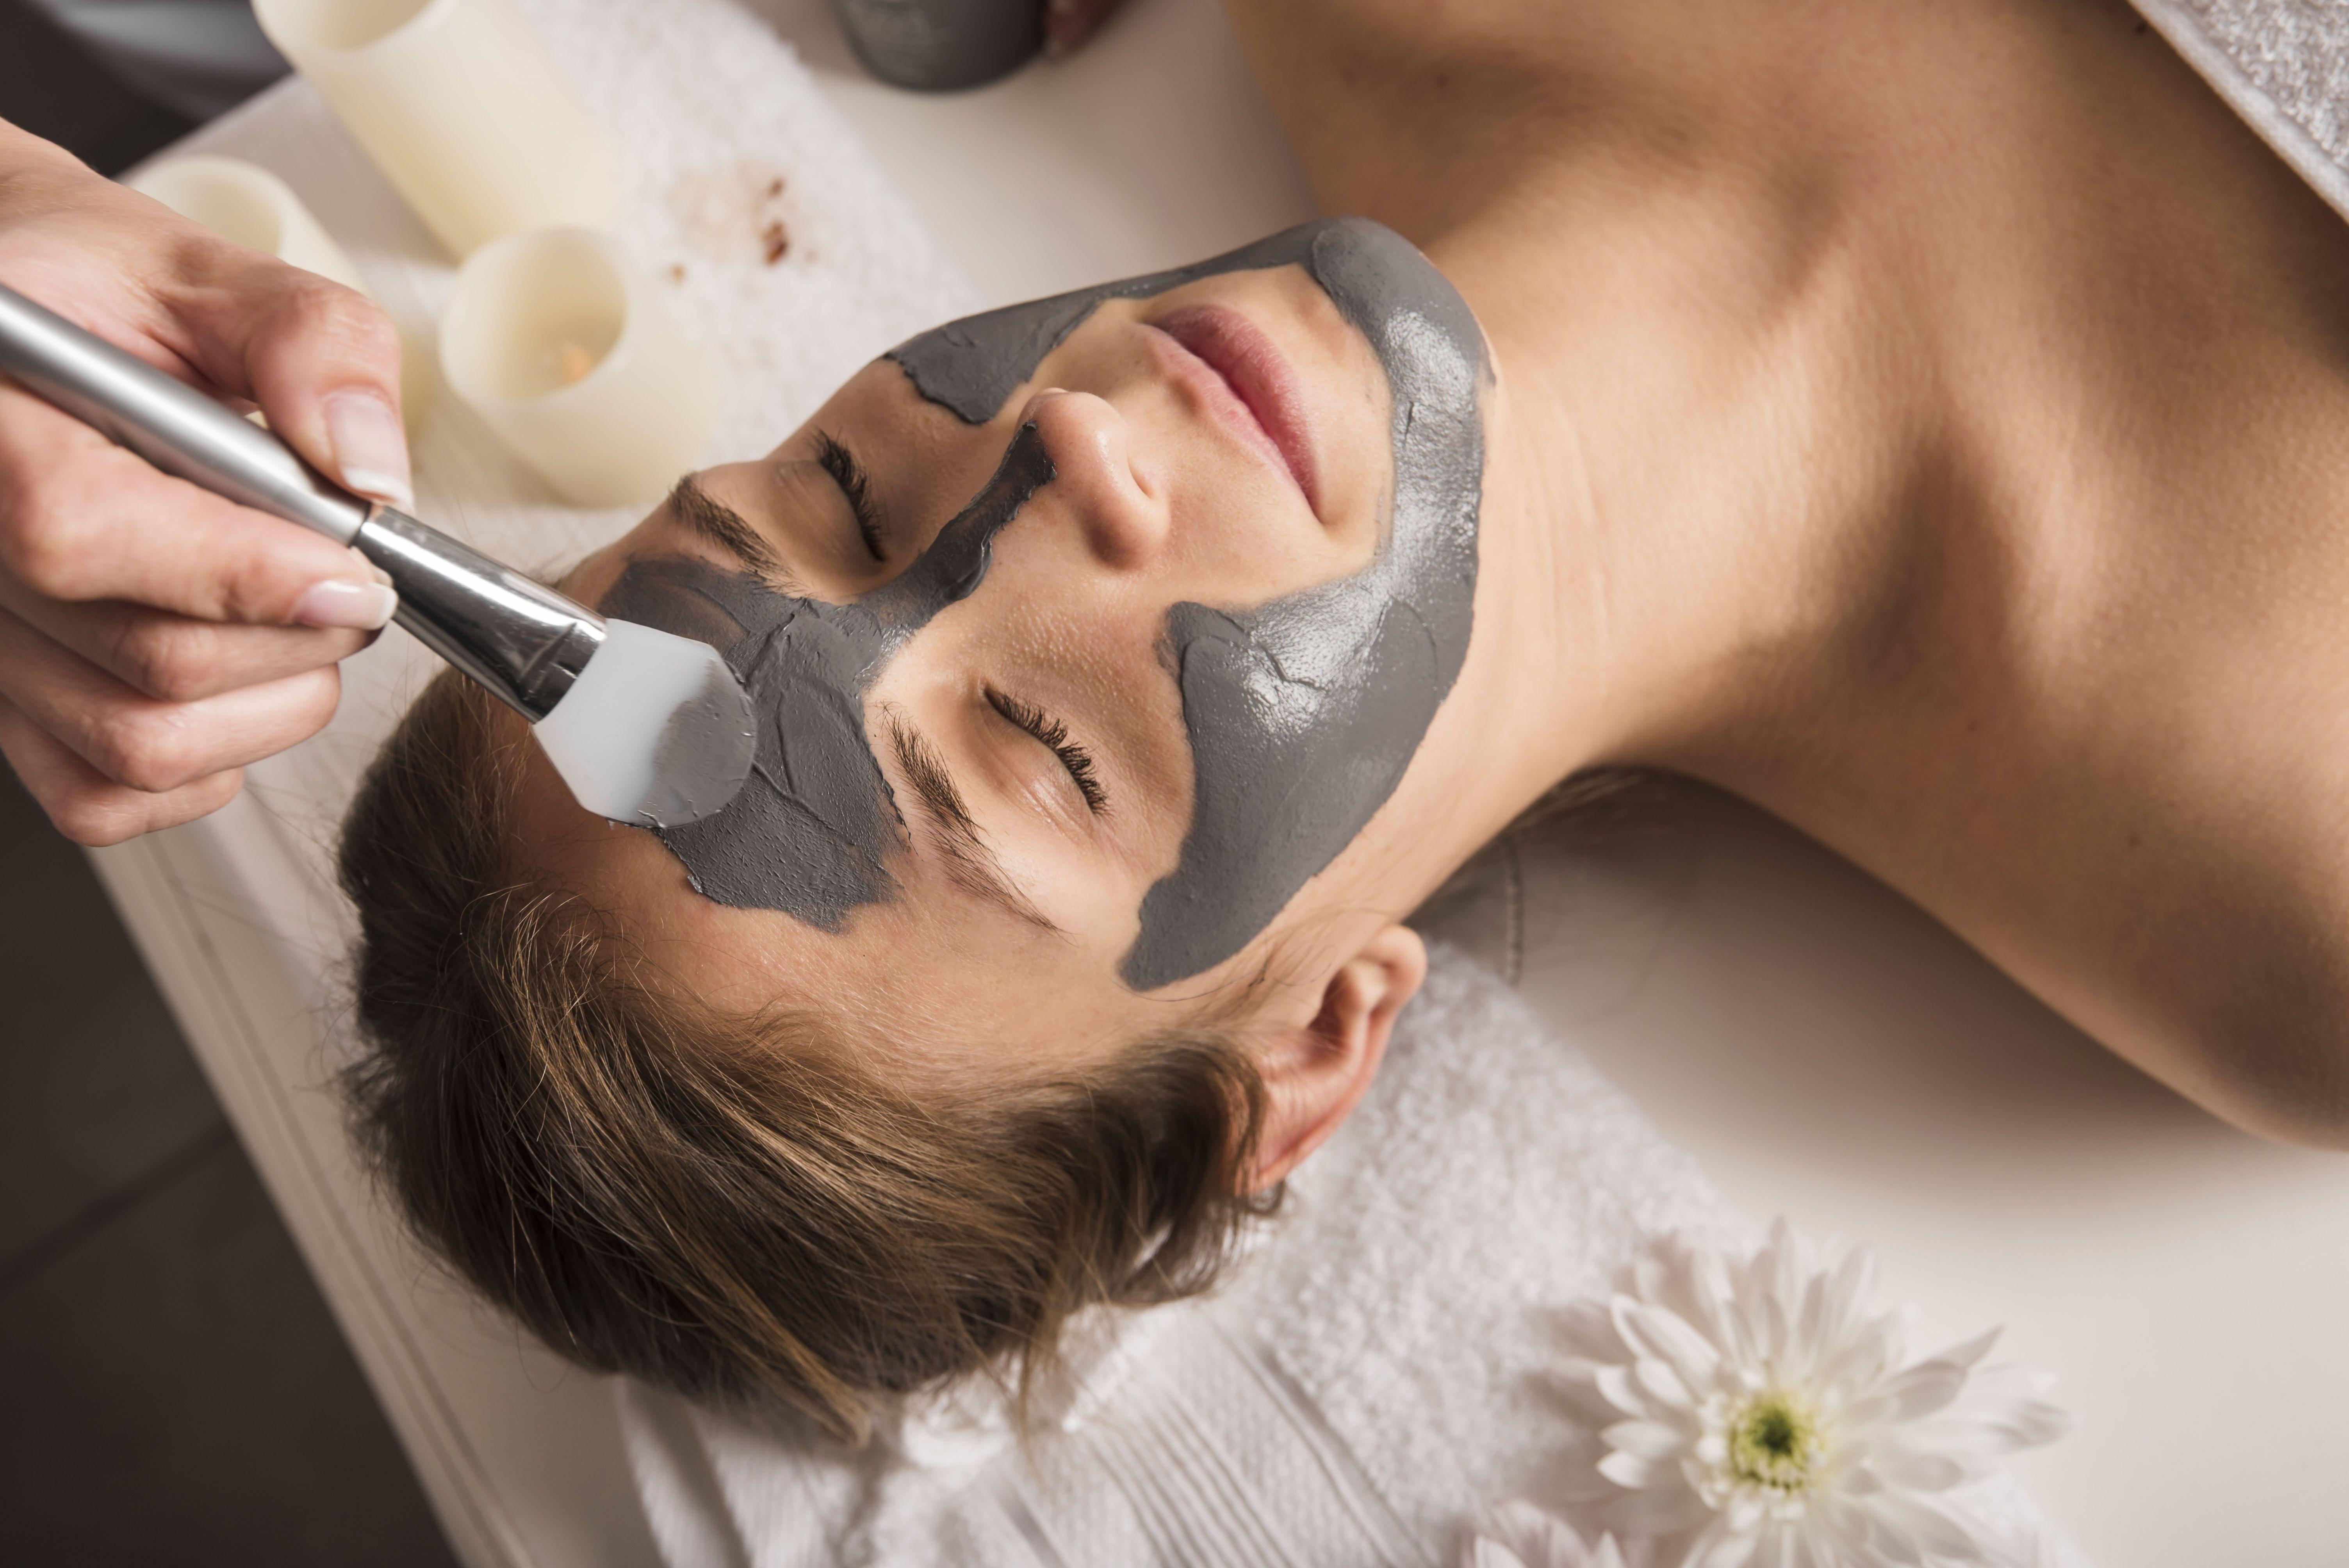 5 масок из красной глины для лица: чем полезна, косметическое применение